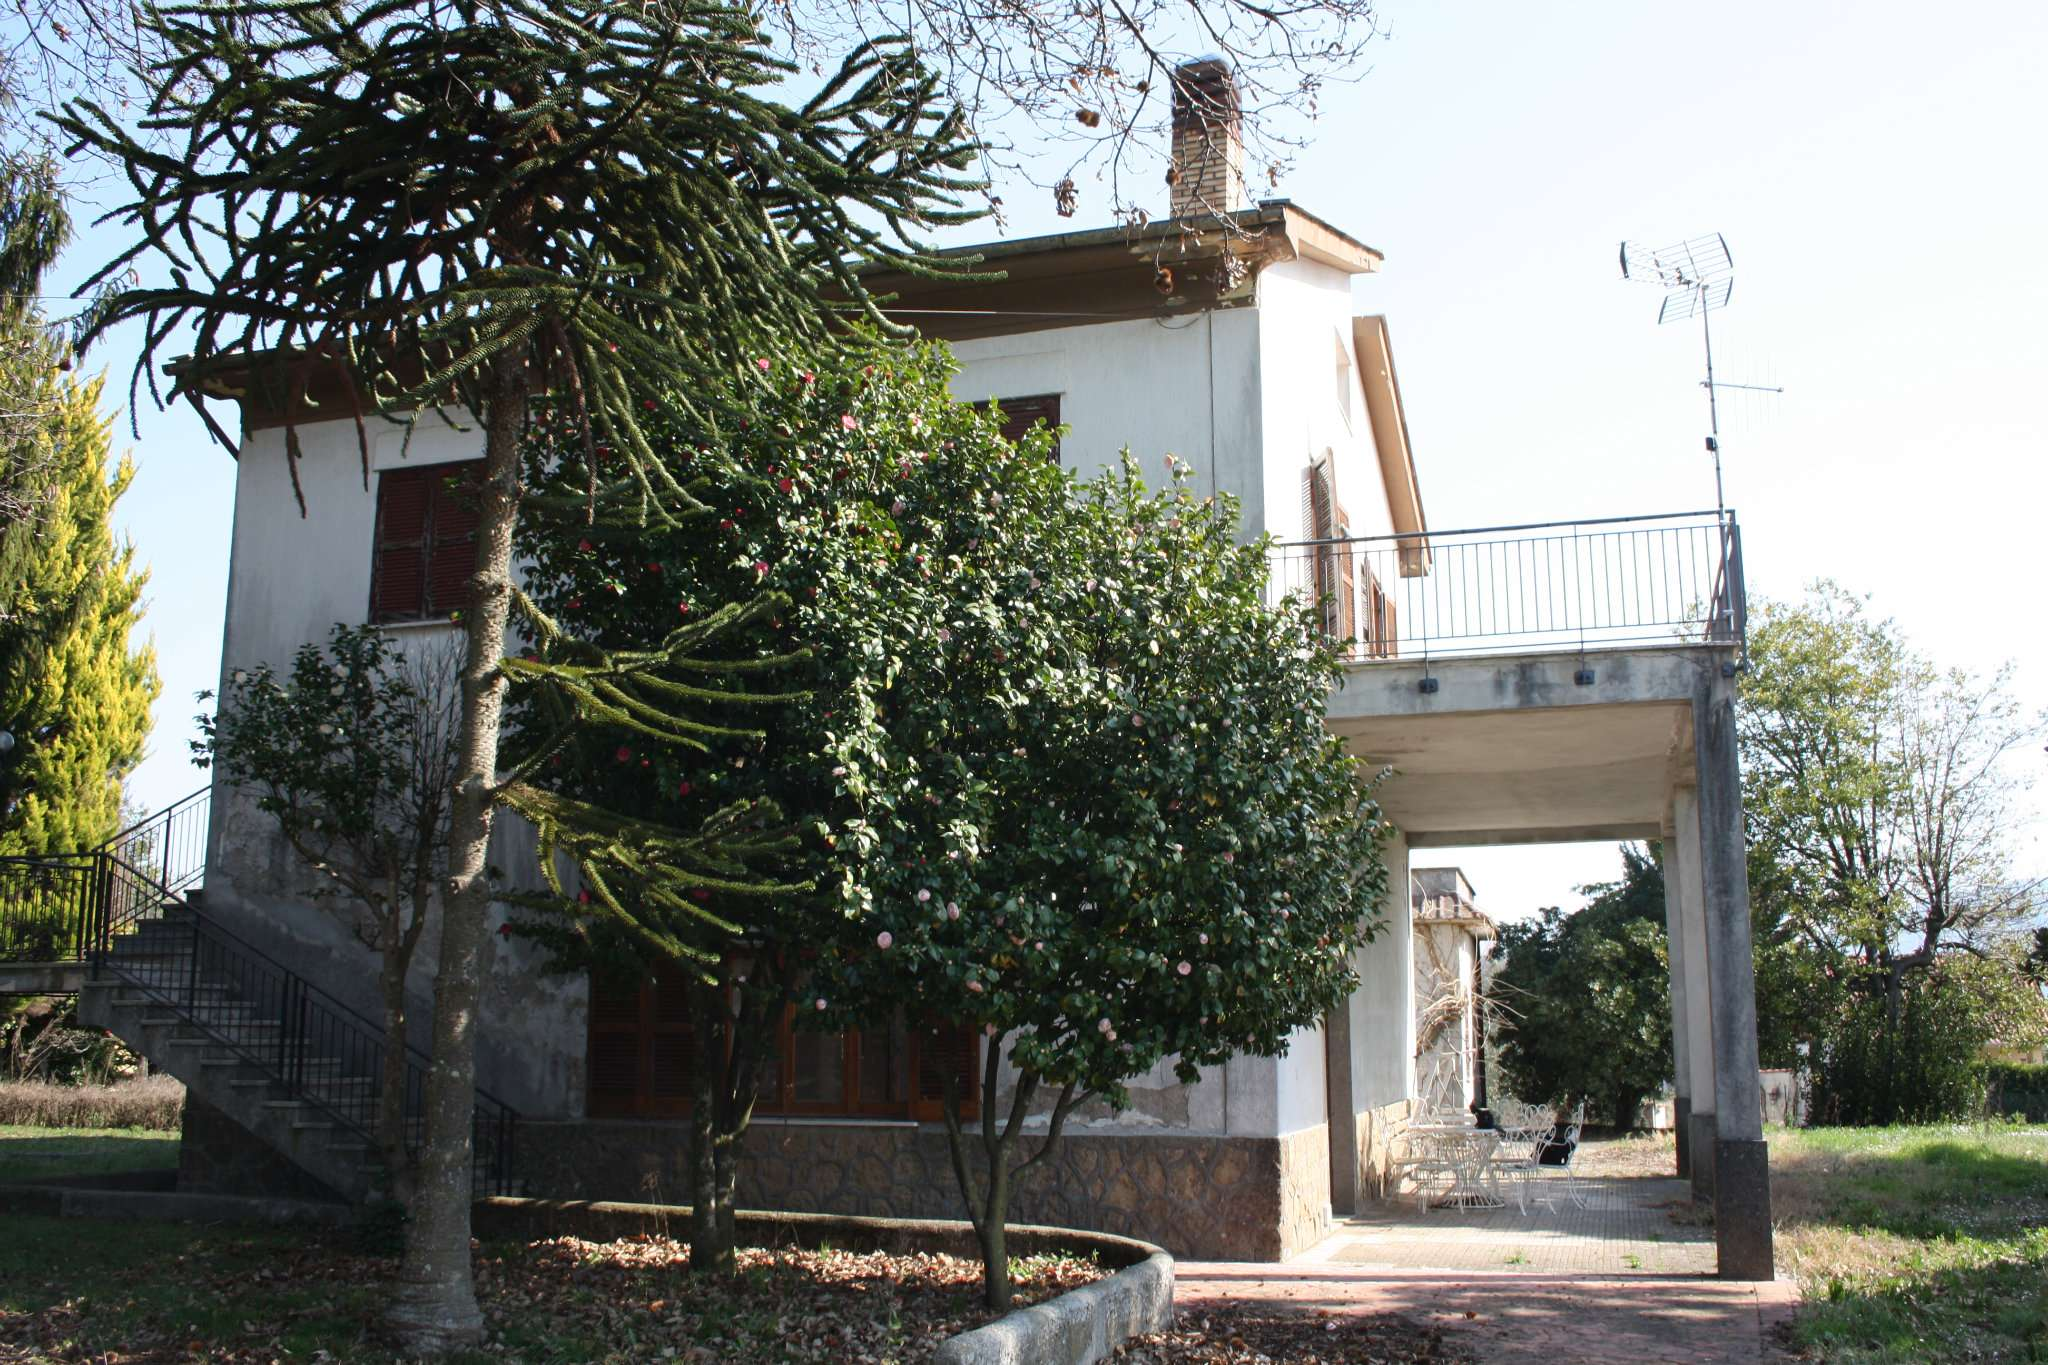 Soluzione Indipendente in vendita a Lariano, 10 locali, prezzo € 155.000 | CambioCasa.it